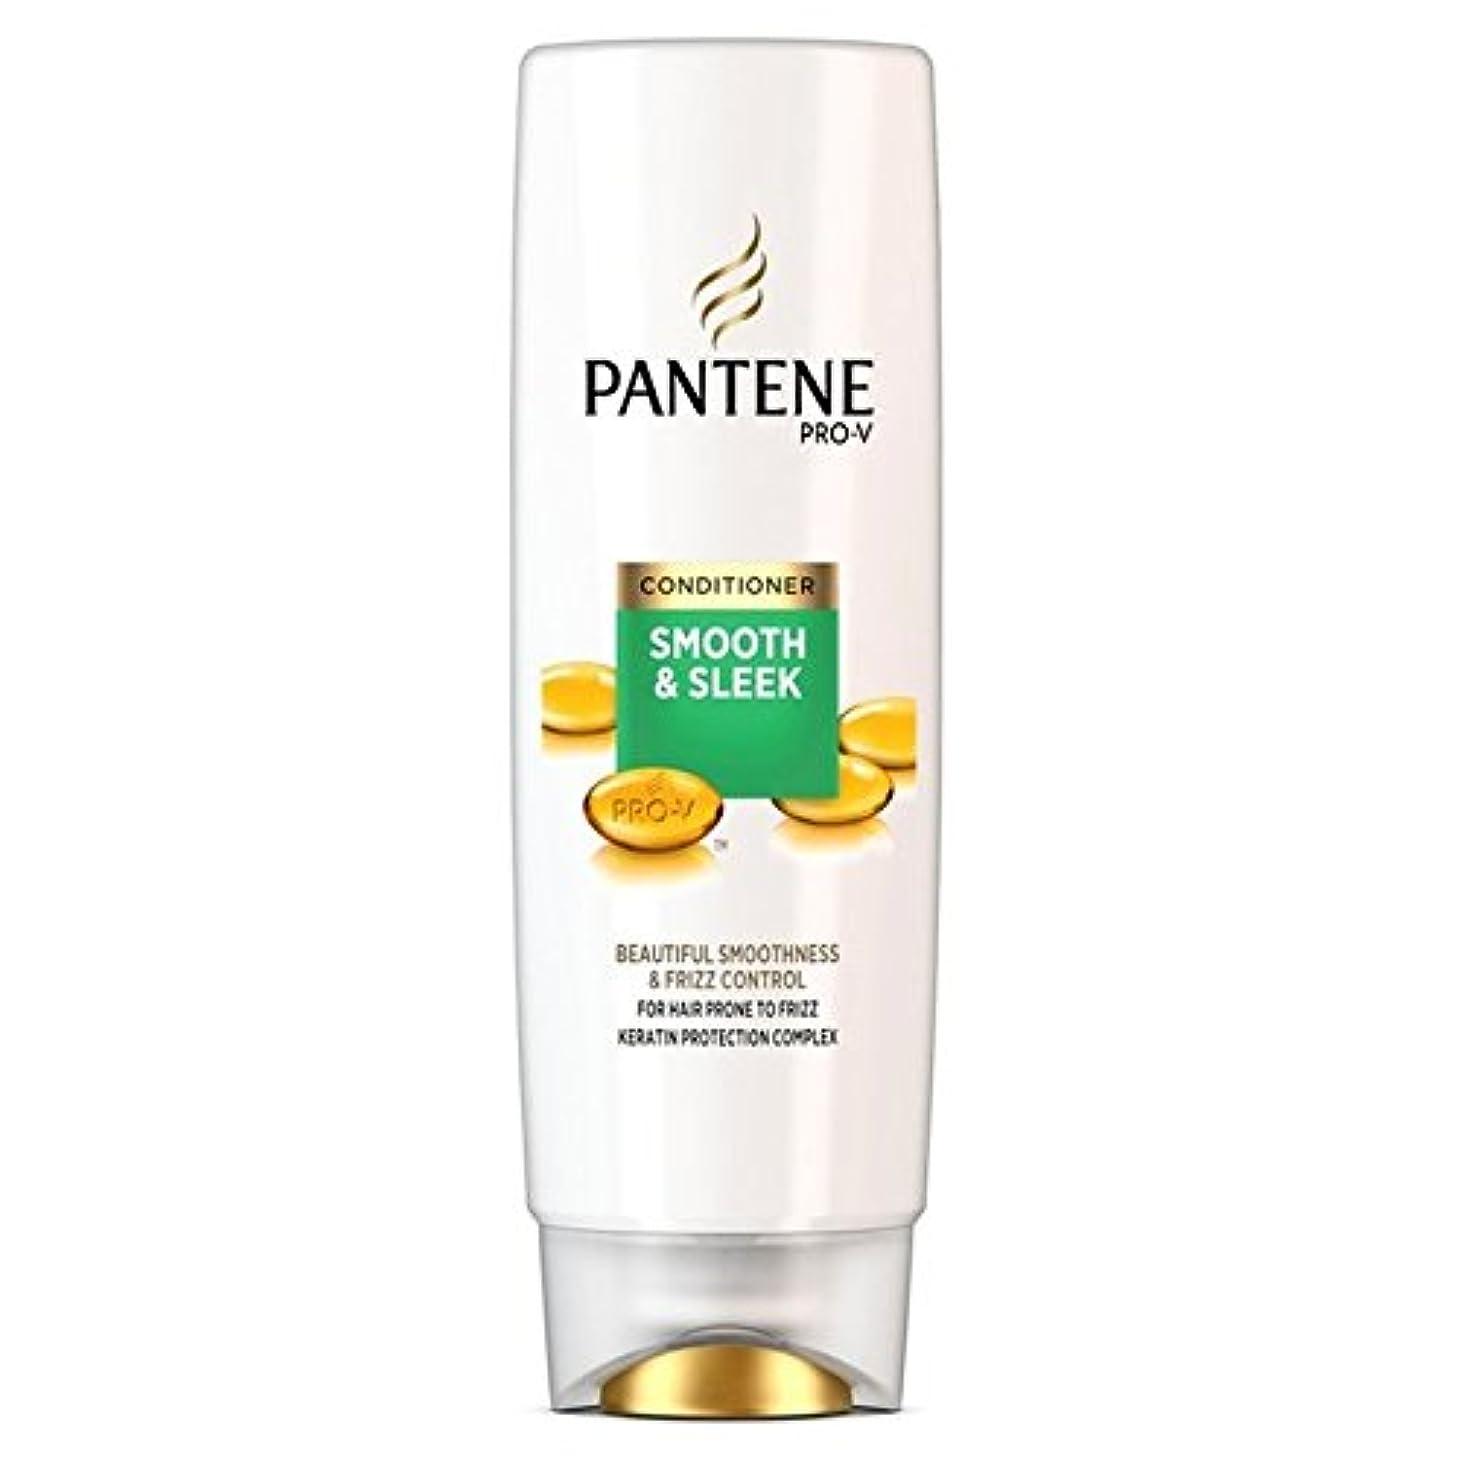 数学的な鎖実質的Pantene Conditioner Smooth & Sleek For Hair Prone to Frizz 250ml (Pack of 6) - パンテーンコンディショナースムーズ&縮れ250ミリリットルを受...